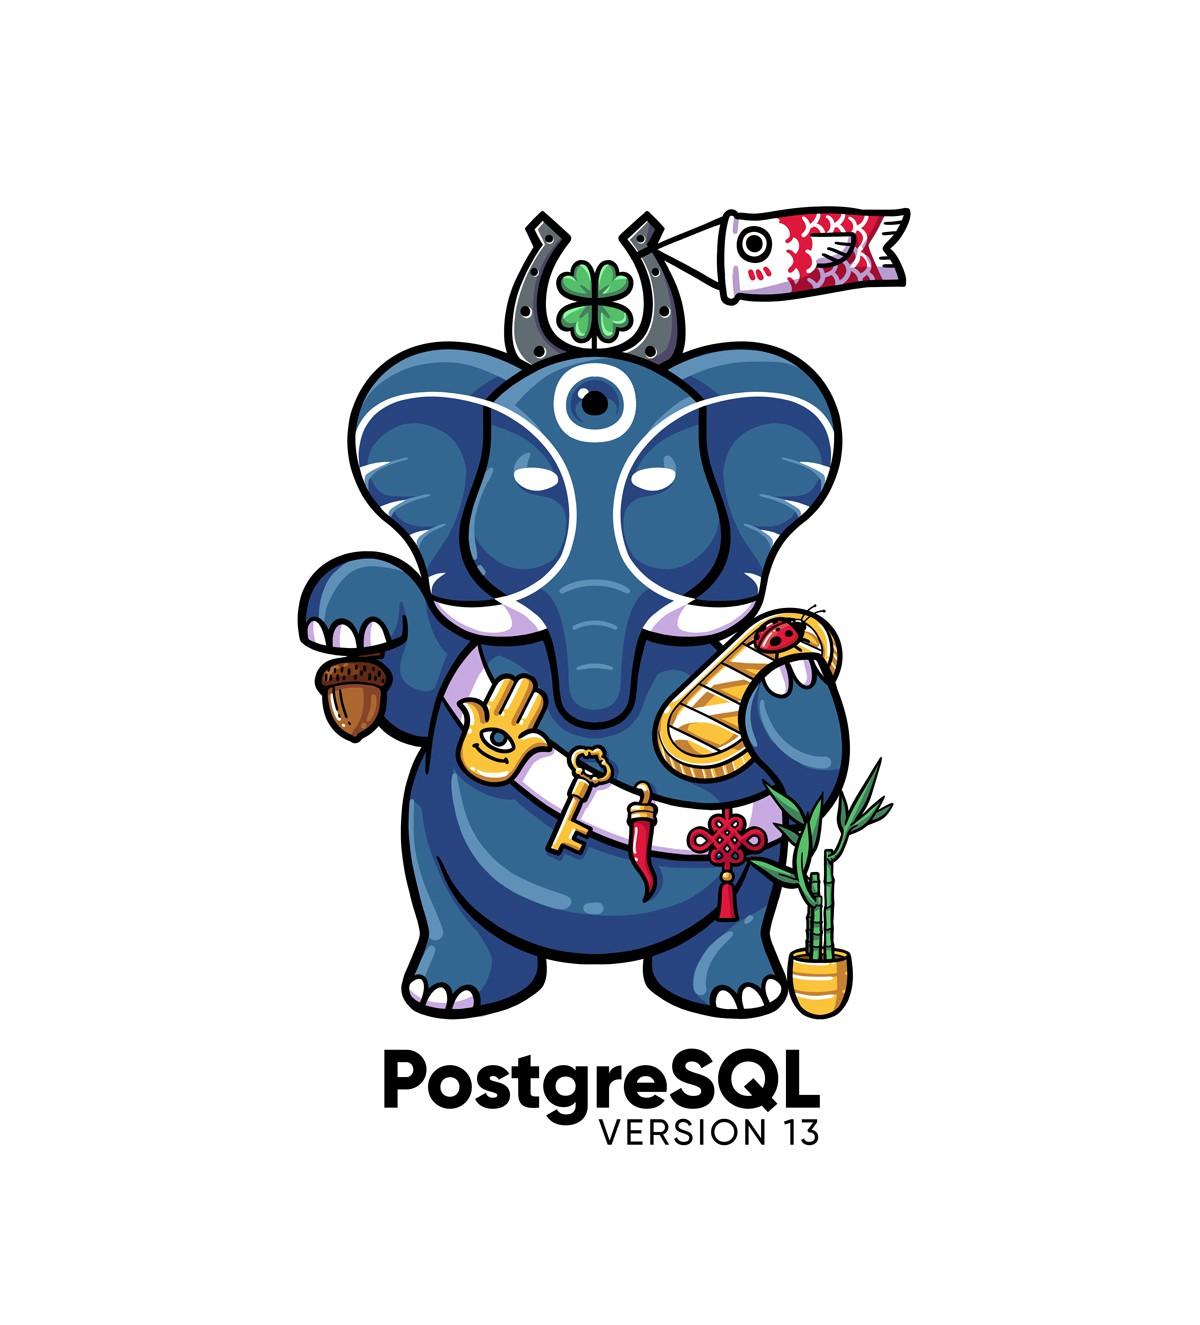 PostgreSQL version 13 release artwork